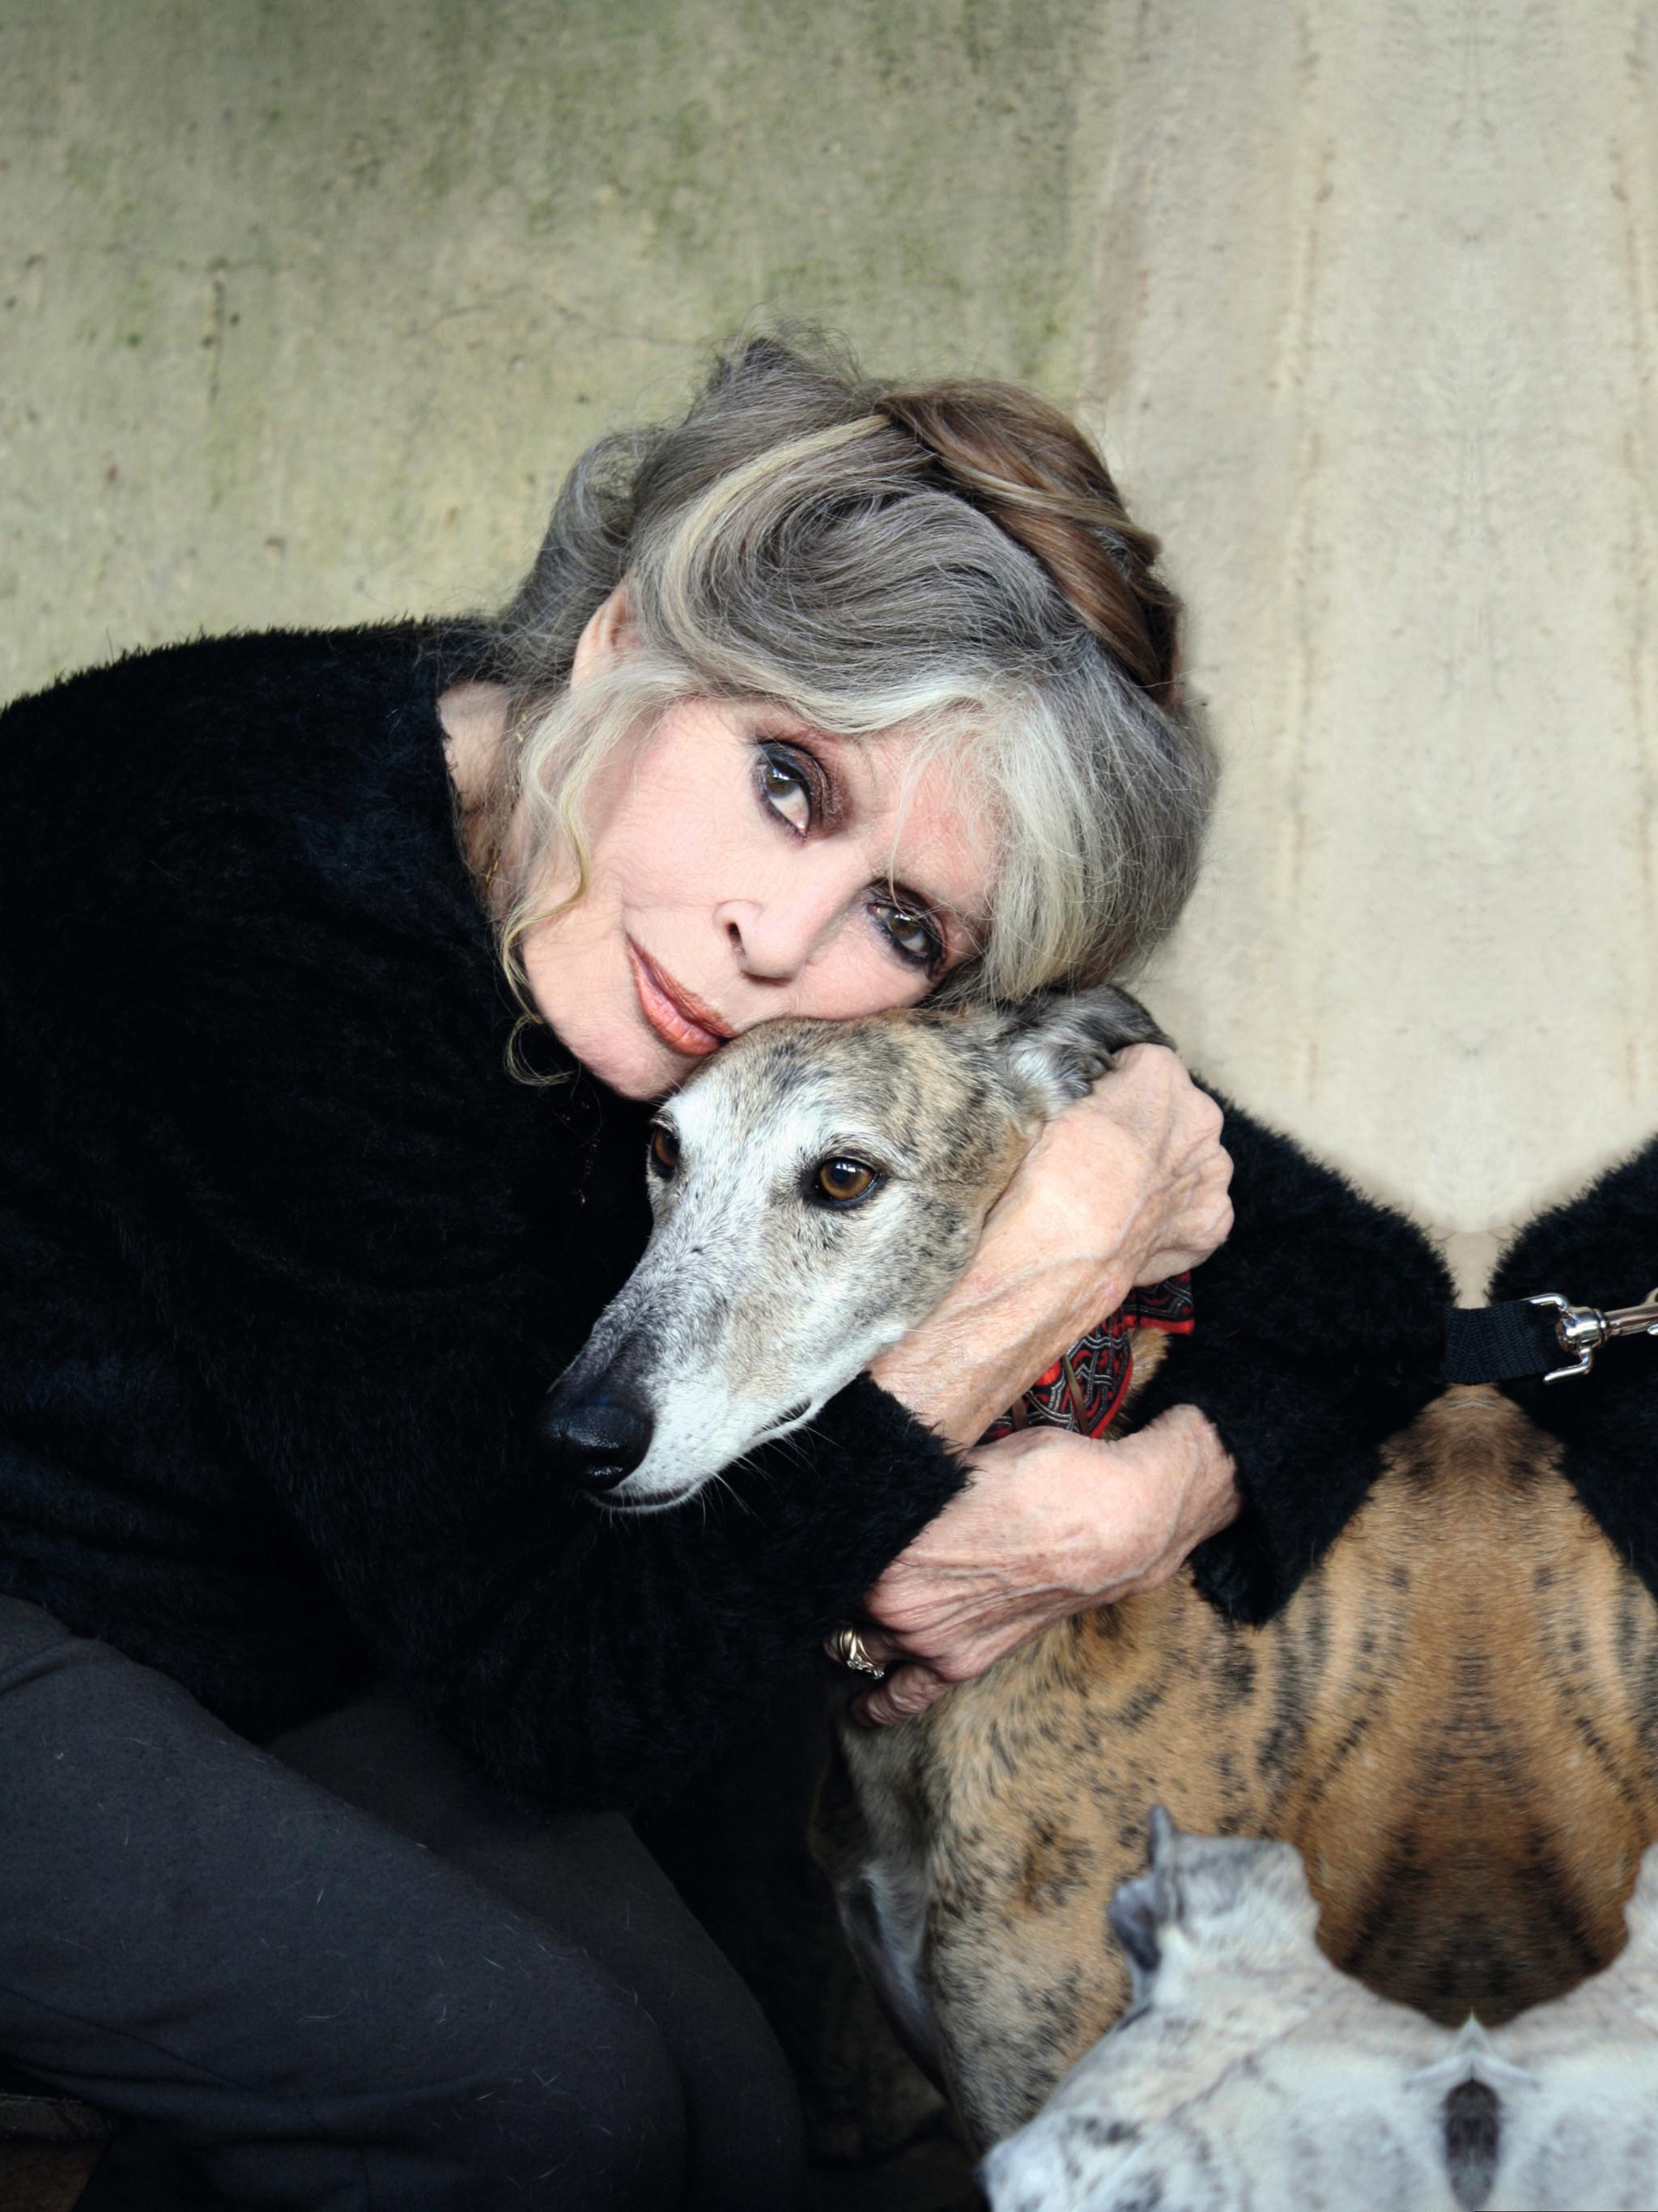 Brigitte Bardot  - Brigitte Bardot ist ein französischer Mythos – im ersten Leben gefeierter Filmstar und Sexsymbol, im zweiten Leben Aktivistin für die Rechte der Tiere. In diesem Buch schildert Brigitte Bardot mit großer Offenheit, wie sie endlich Glück und Erfüllung im nachhaltigen Kampf für die Tiere fand.